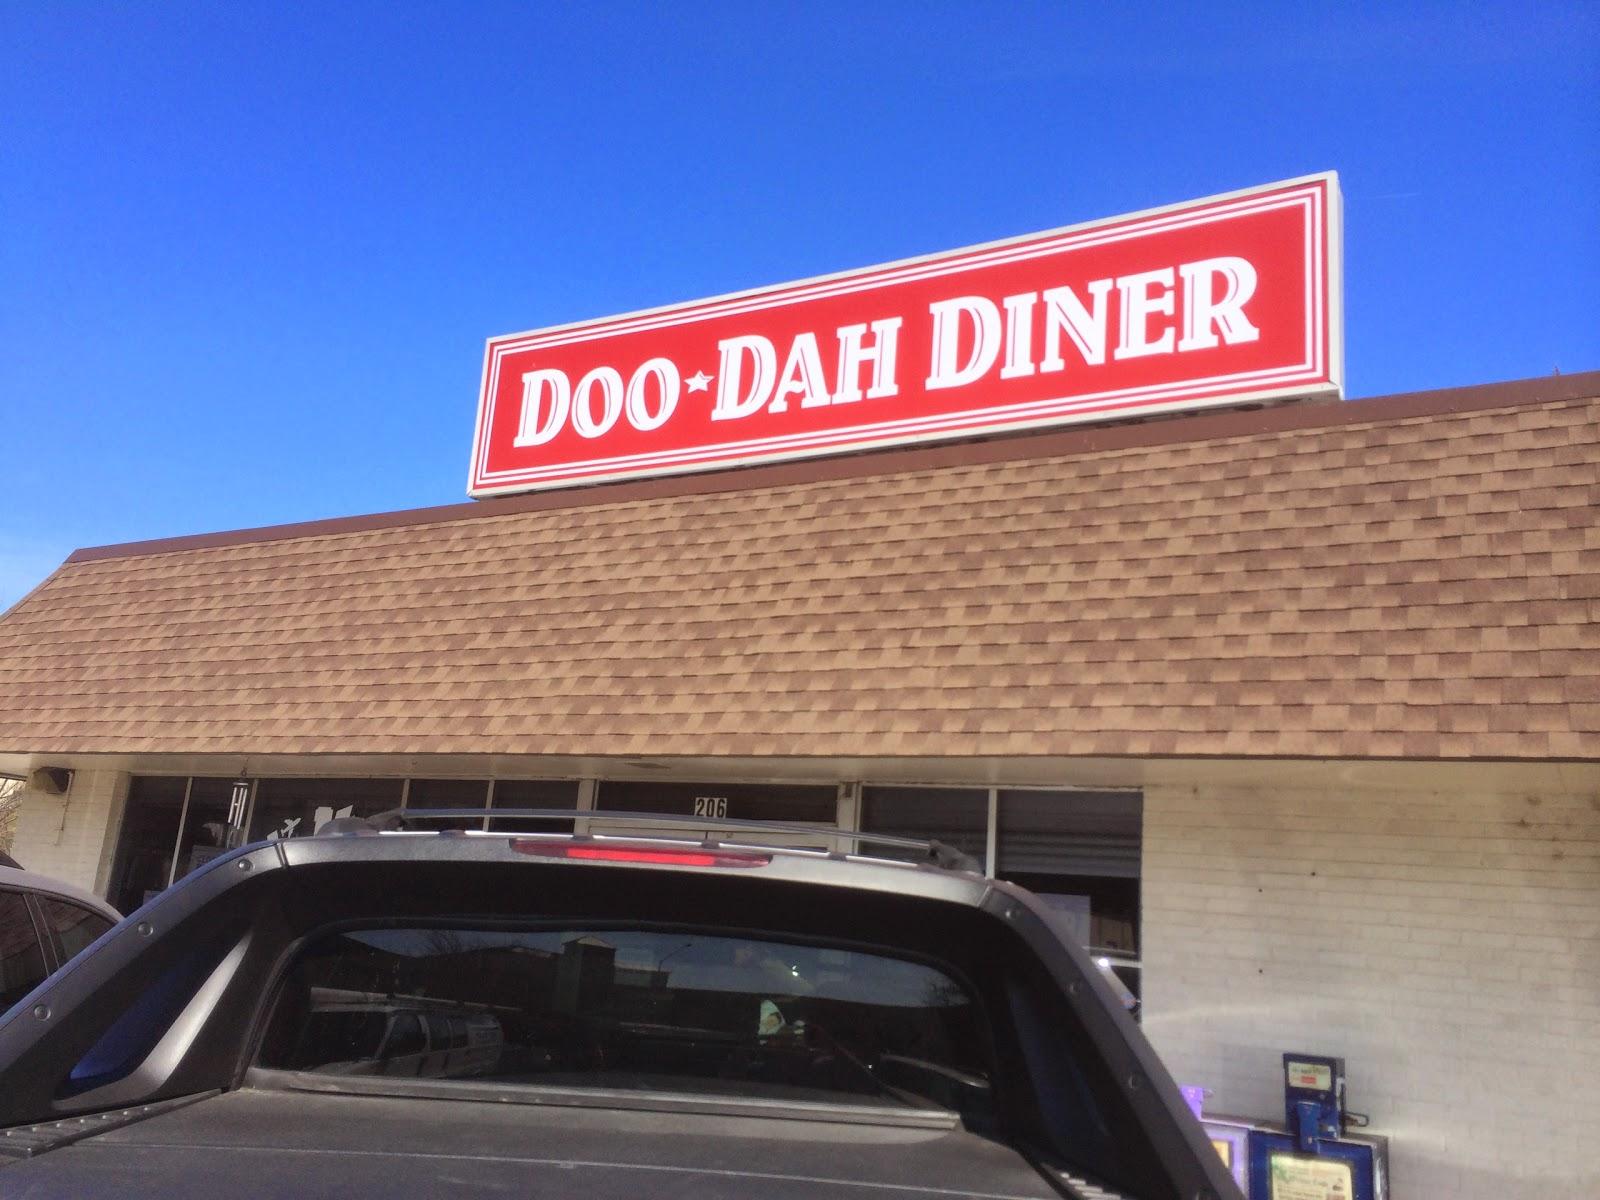 Doo-Dah Diner